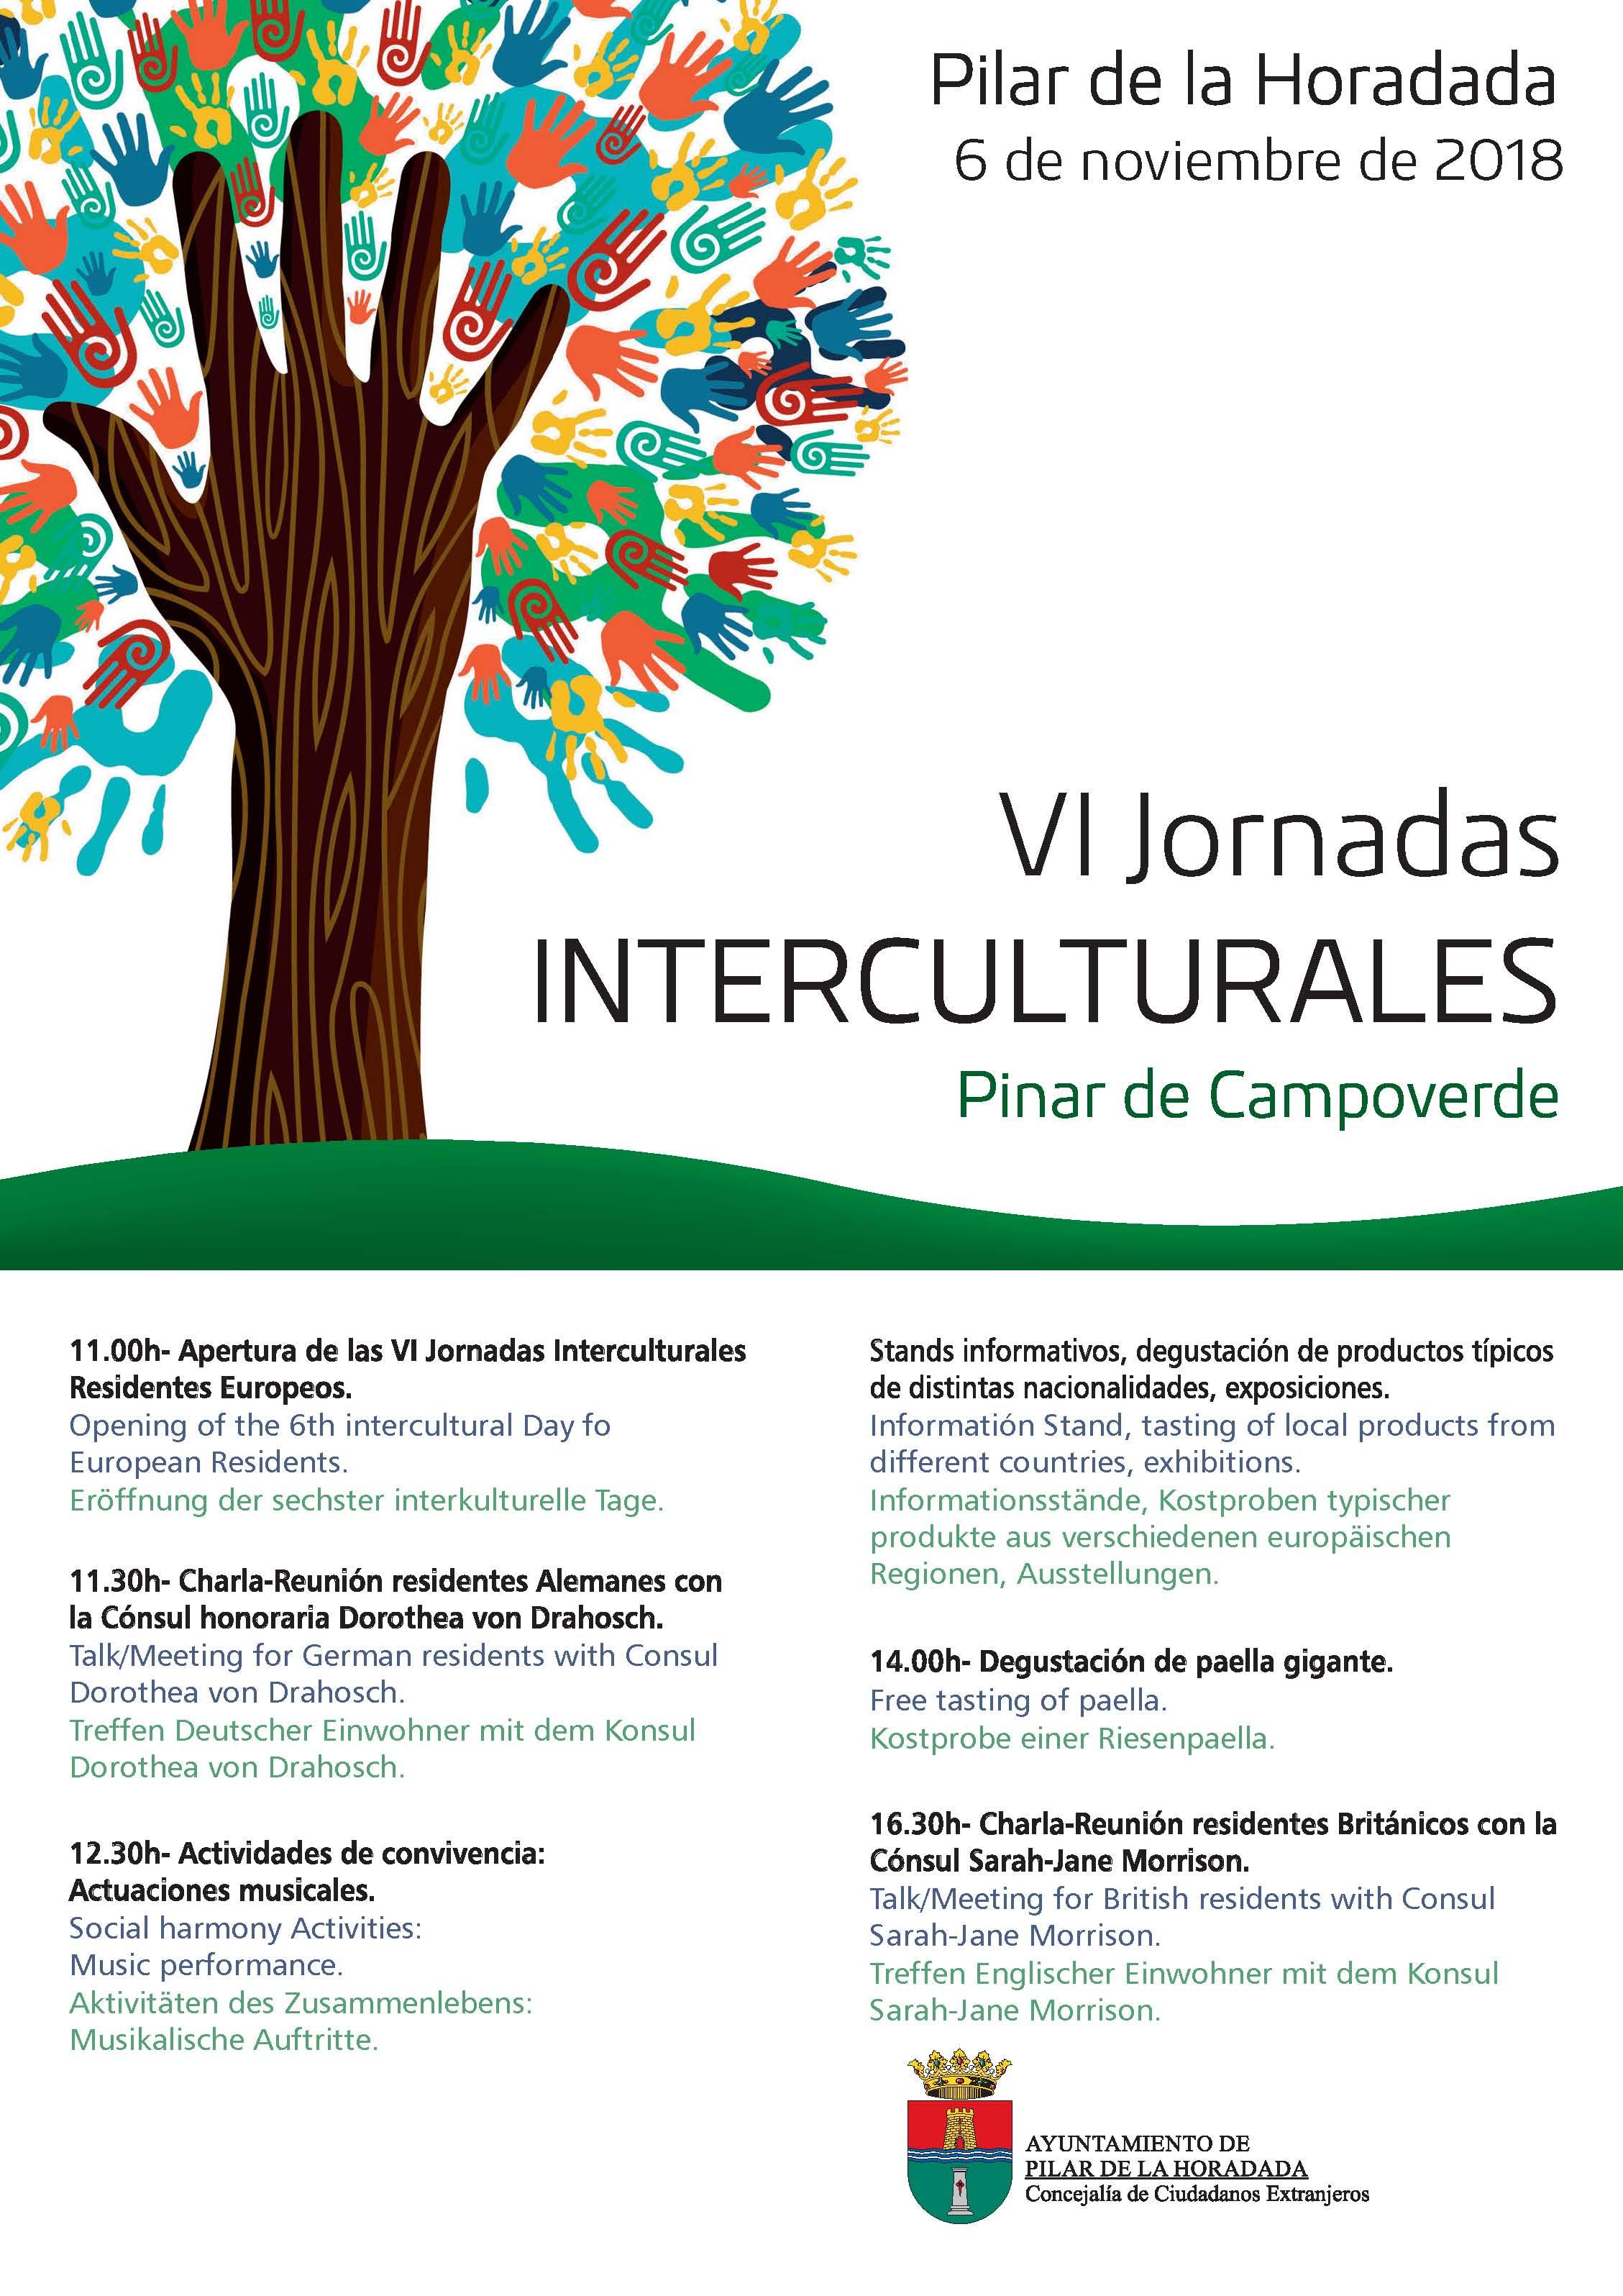 Intercultural Conference and Brexit meeting in Pilar de la Horadada